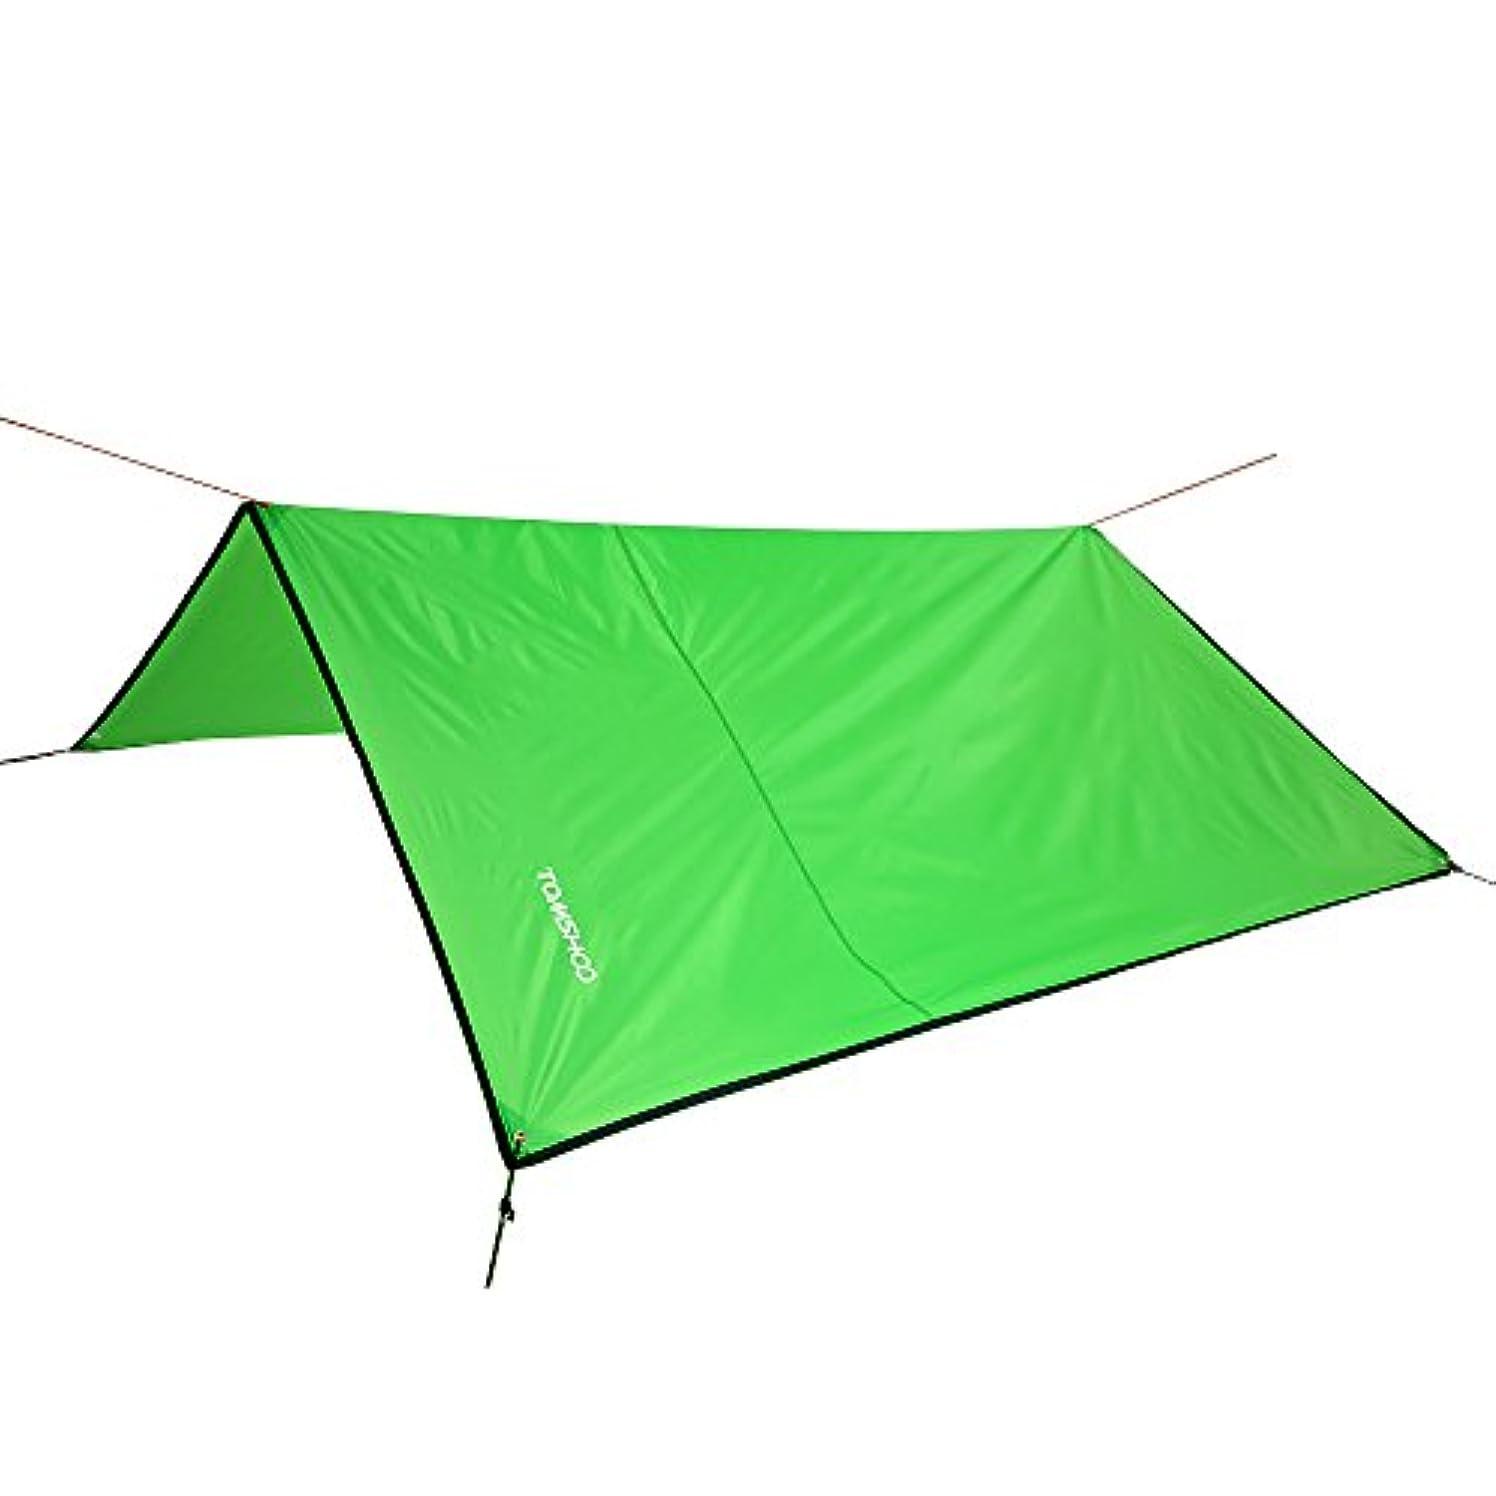 用語集速報吹きさらしTOMSHOO テント タープ マット オーニング 天幕 超軽量 防水 日よけ アウトドア キャンプ ハイキング ピクニック 多機能 多用途 収納バッグ付き 4色 3サイズ